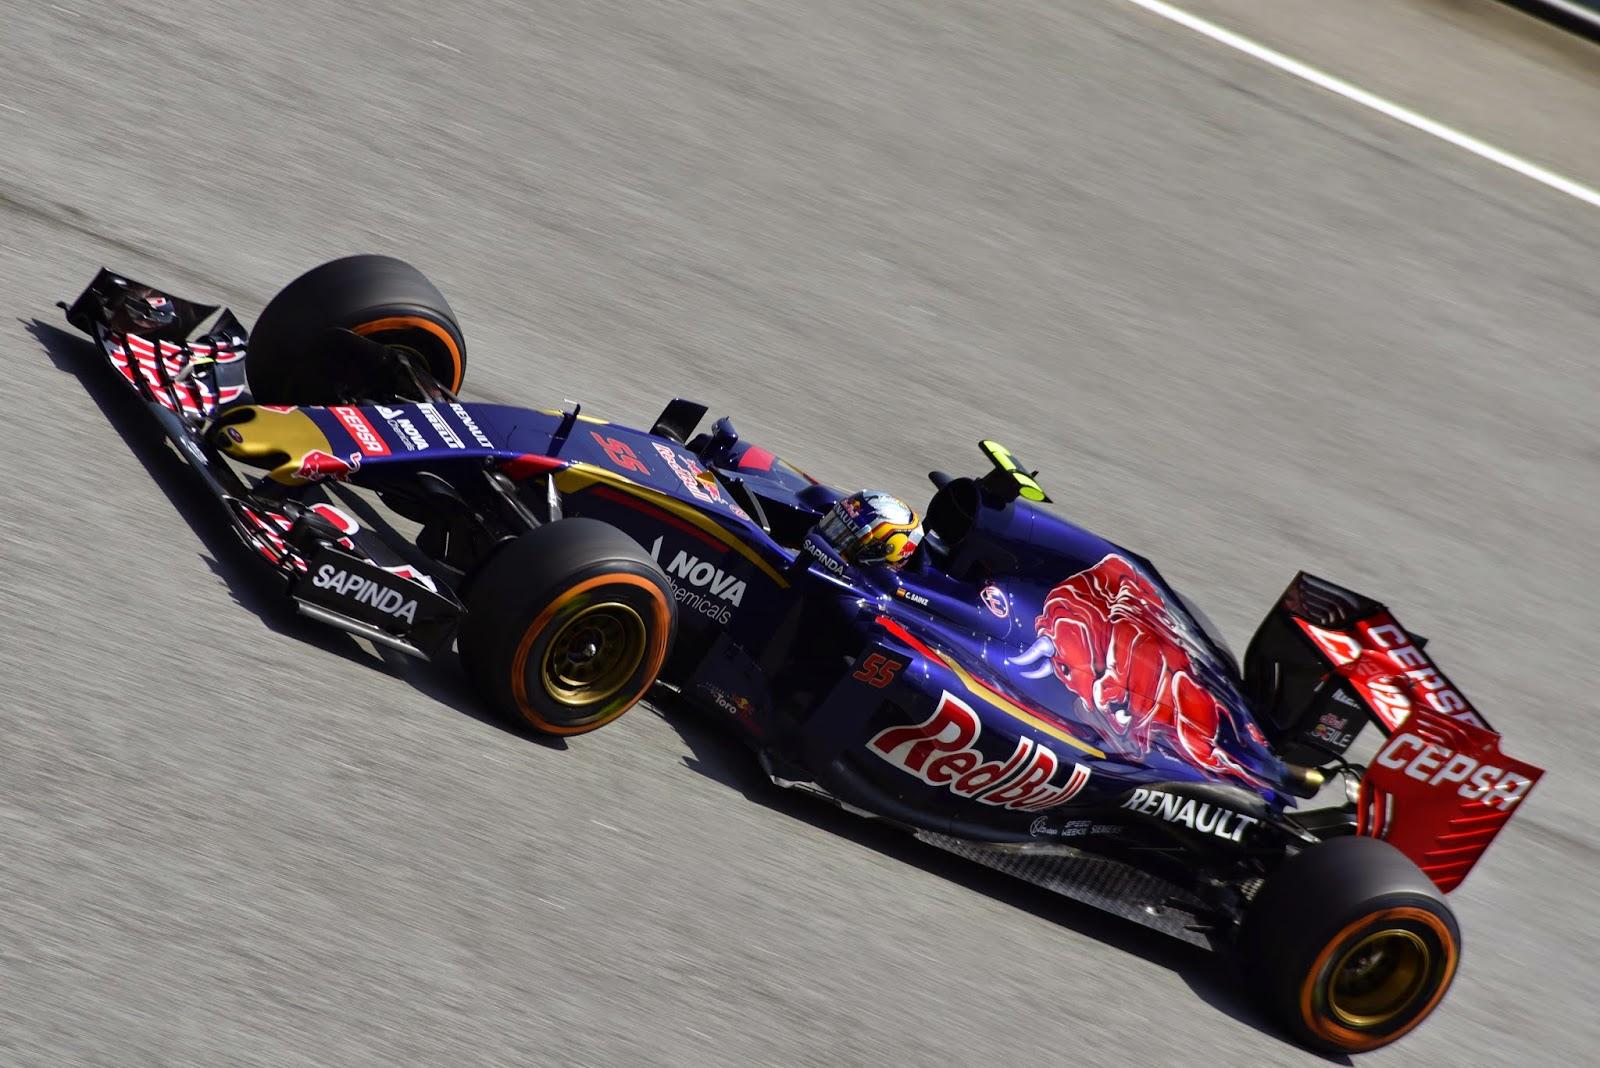 F1 Torro Rosso Picture